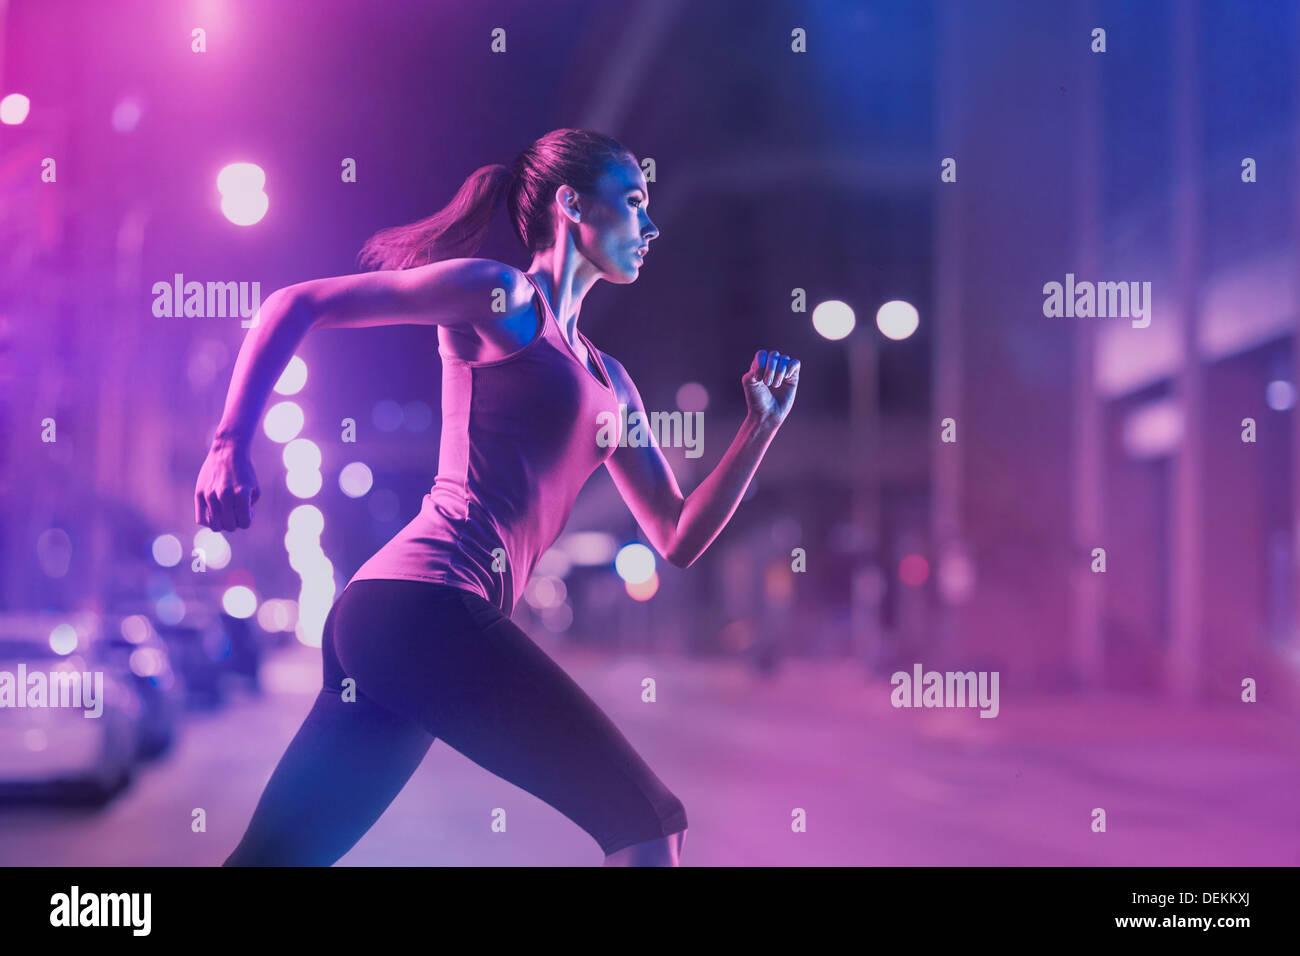 Caucasian woman running on city street Stock Photo